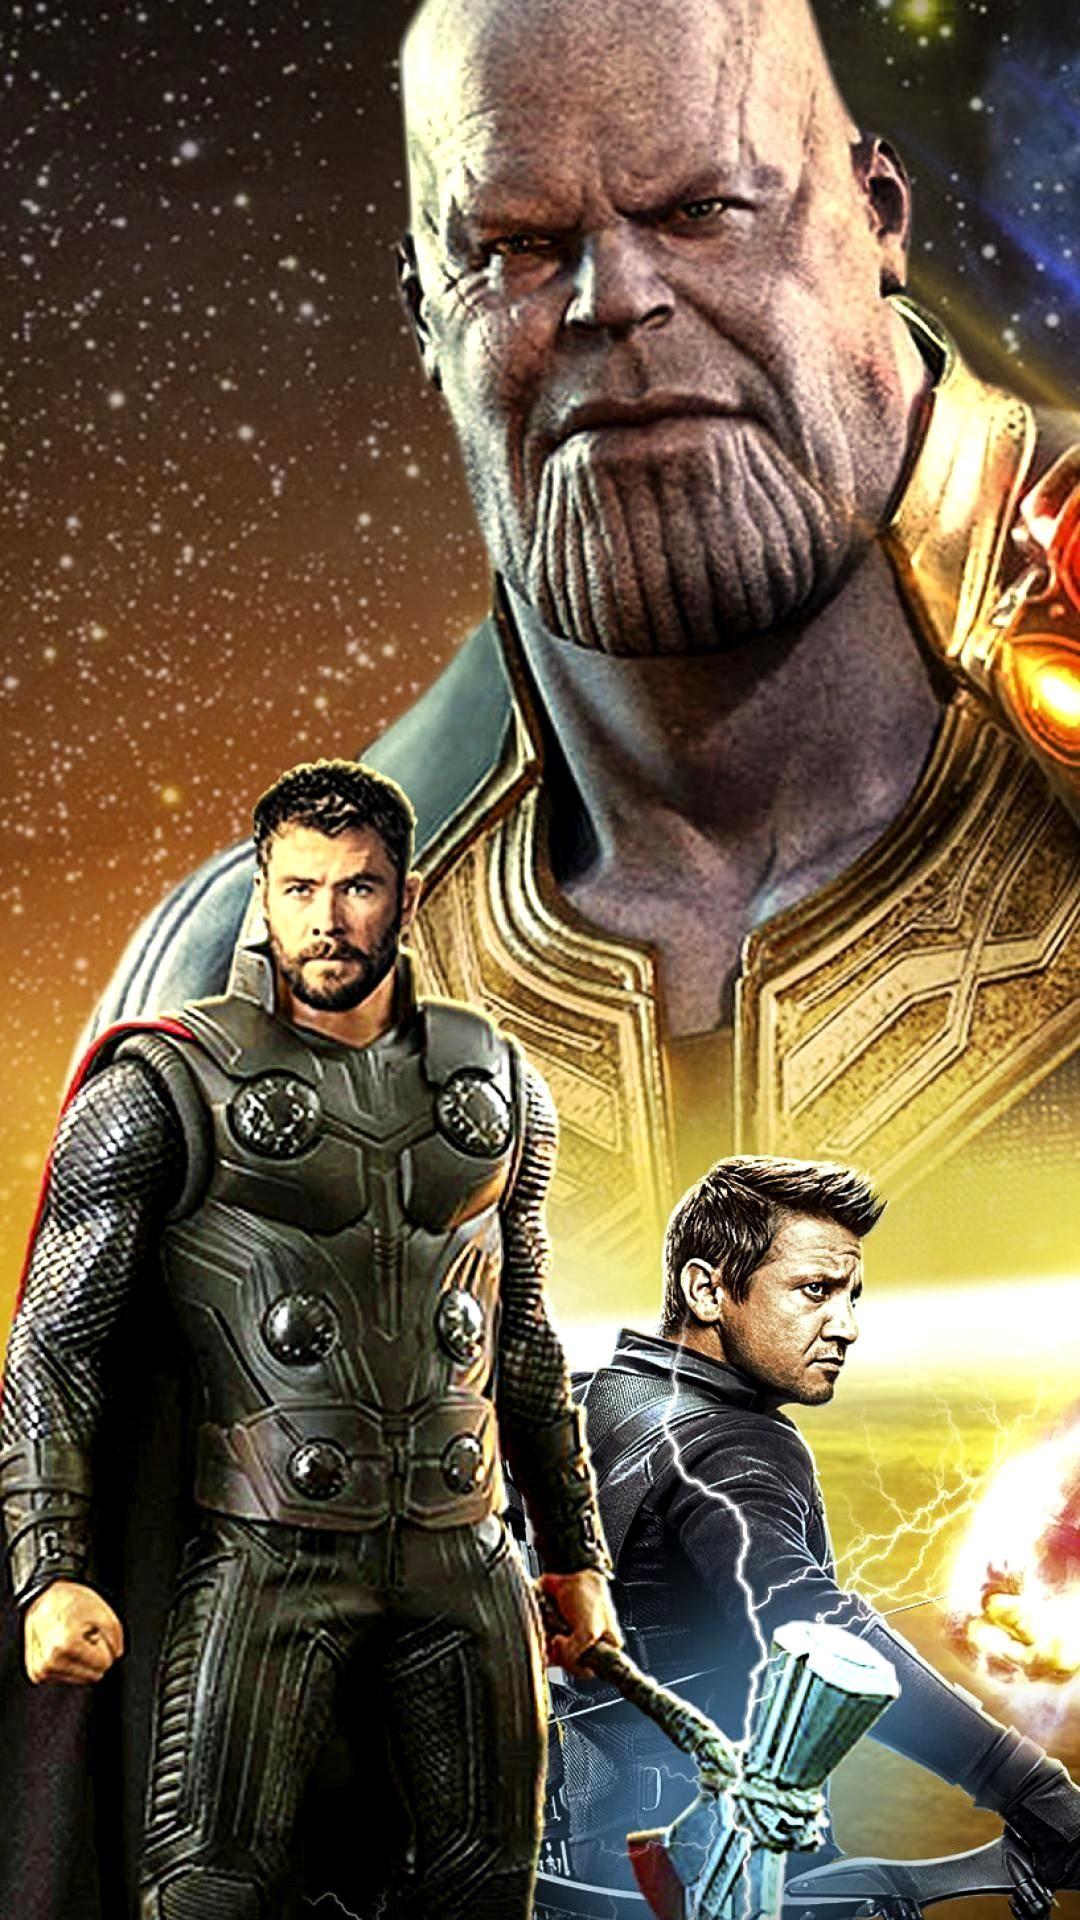 Avengers Endgame Wallpaper 4k Mobile Ideas Di 2020 Avengers